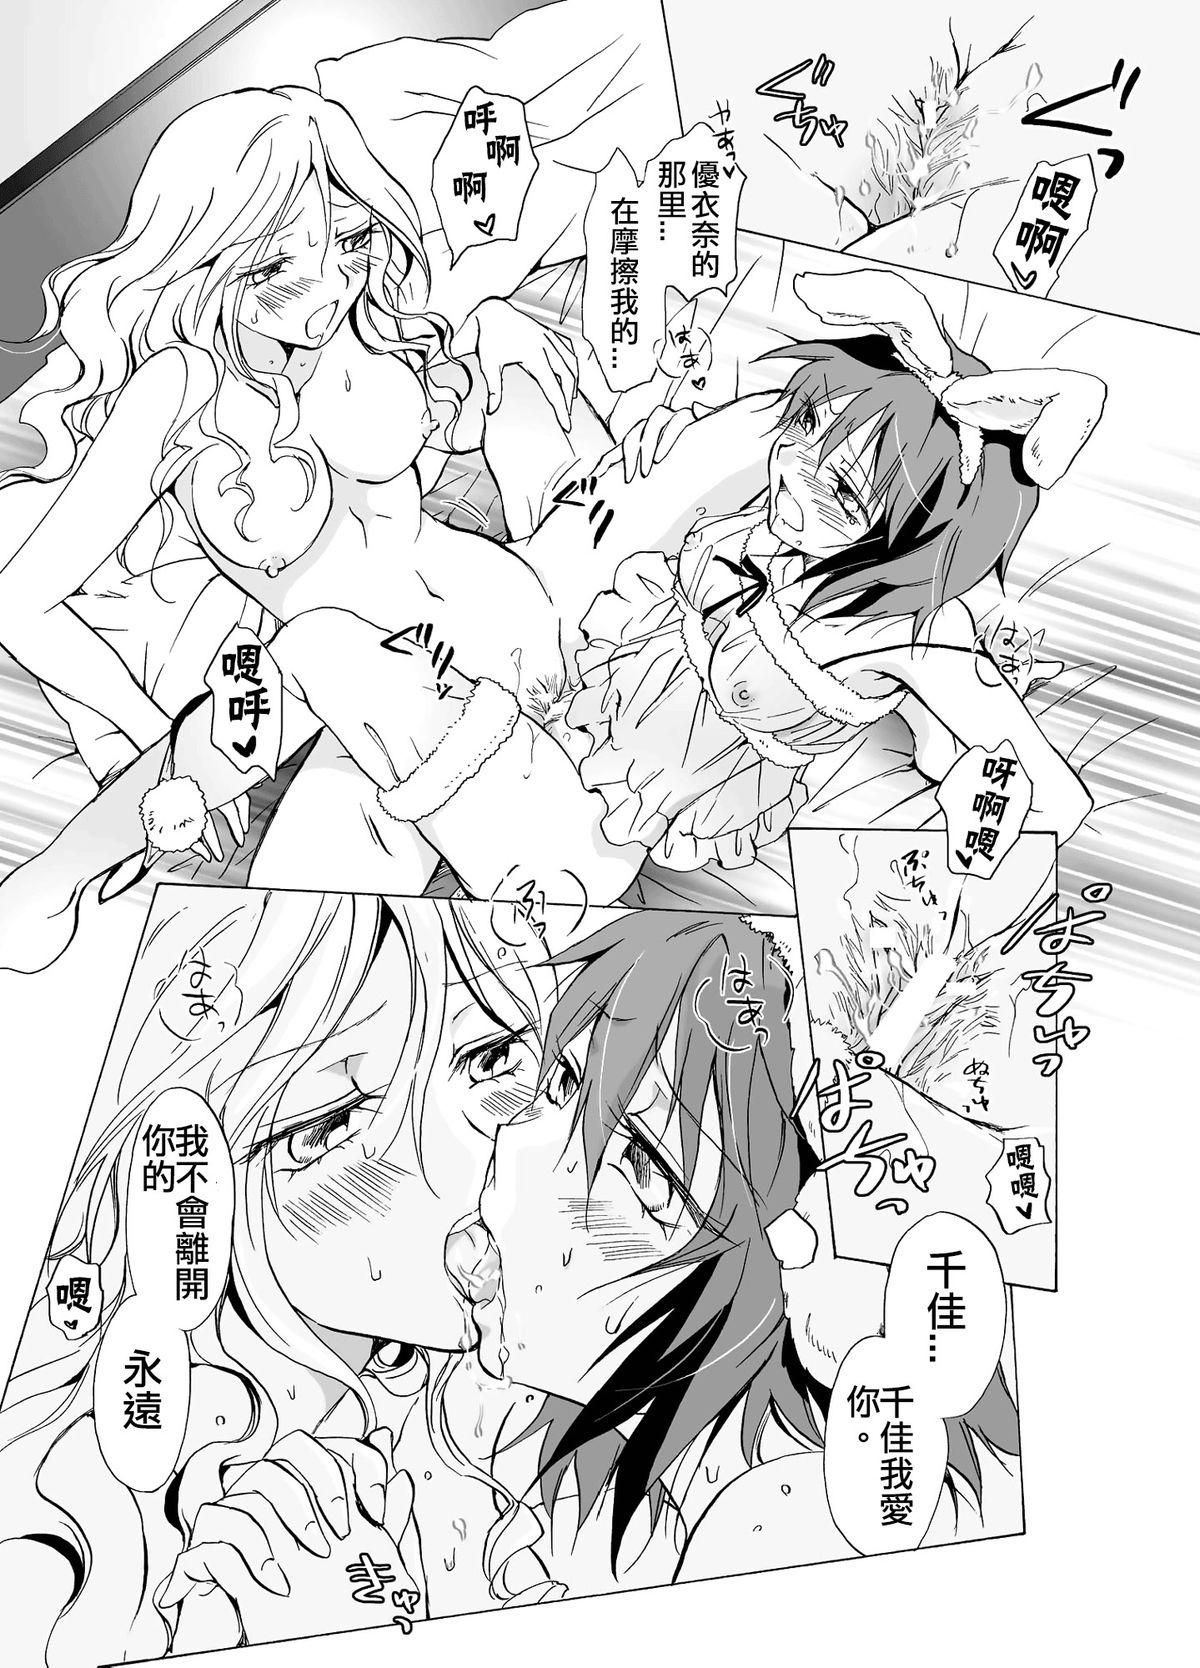 Aisaresugite Komaru no | 為愛所困 32